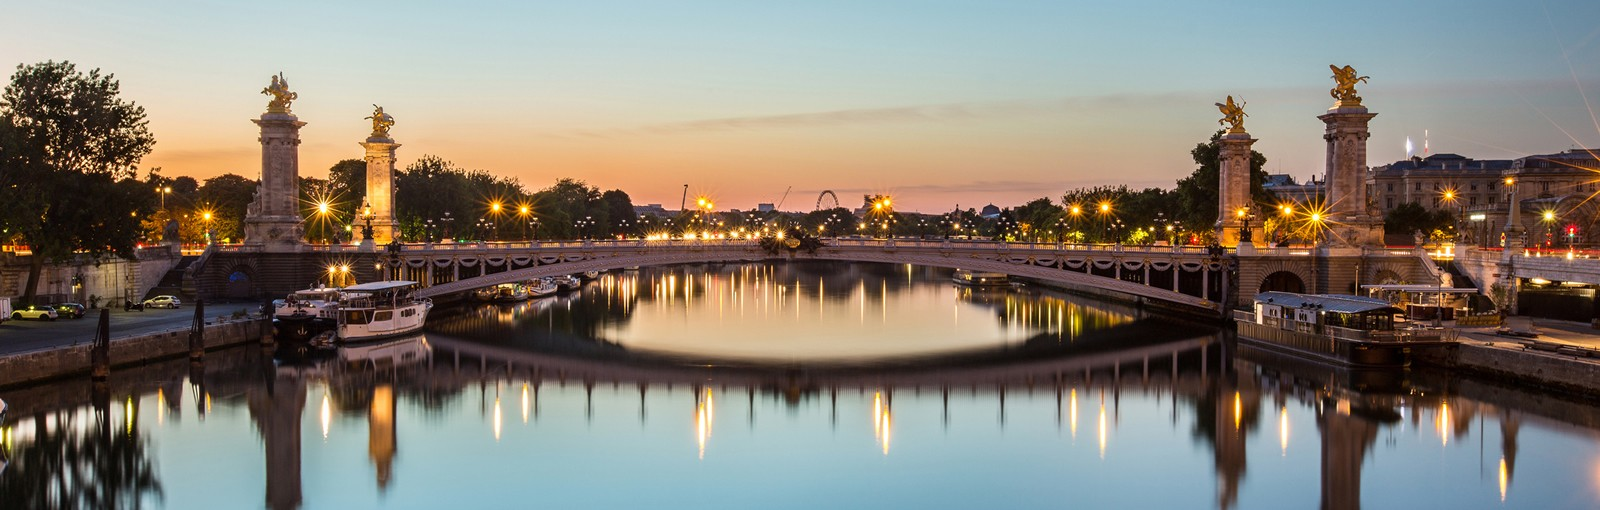 Tours 夜光之城 - 巴黎市区游 - 巴黎游